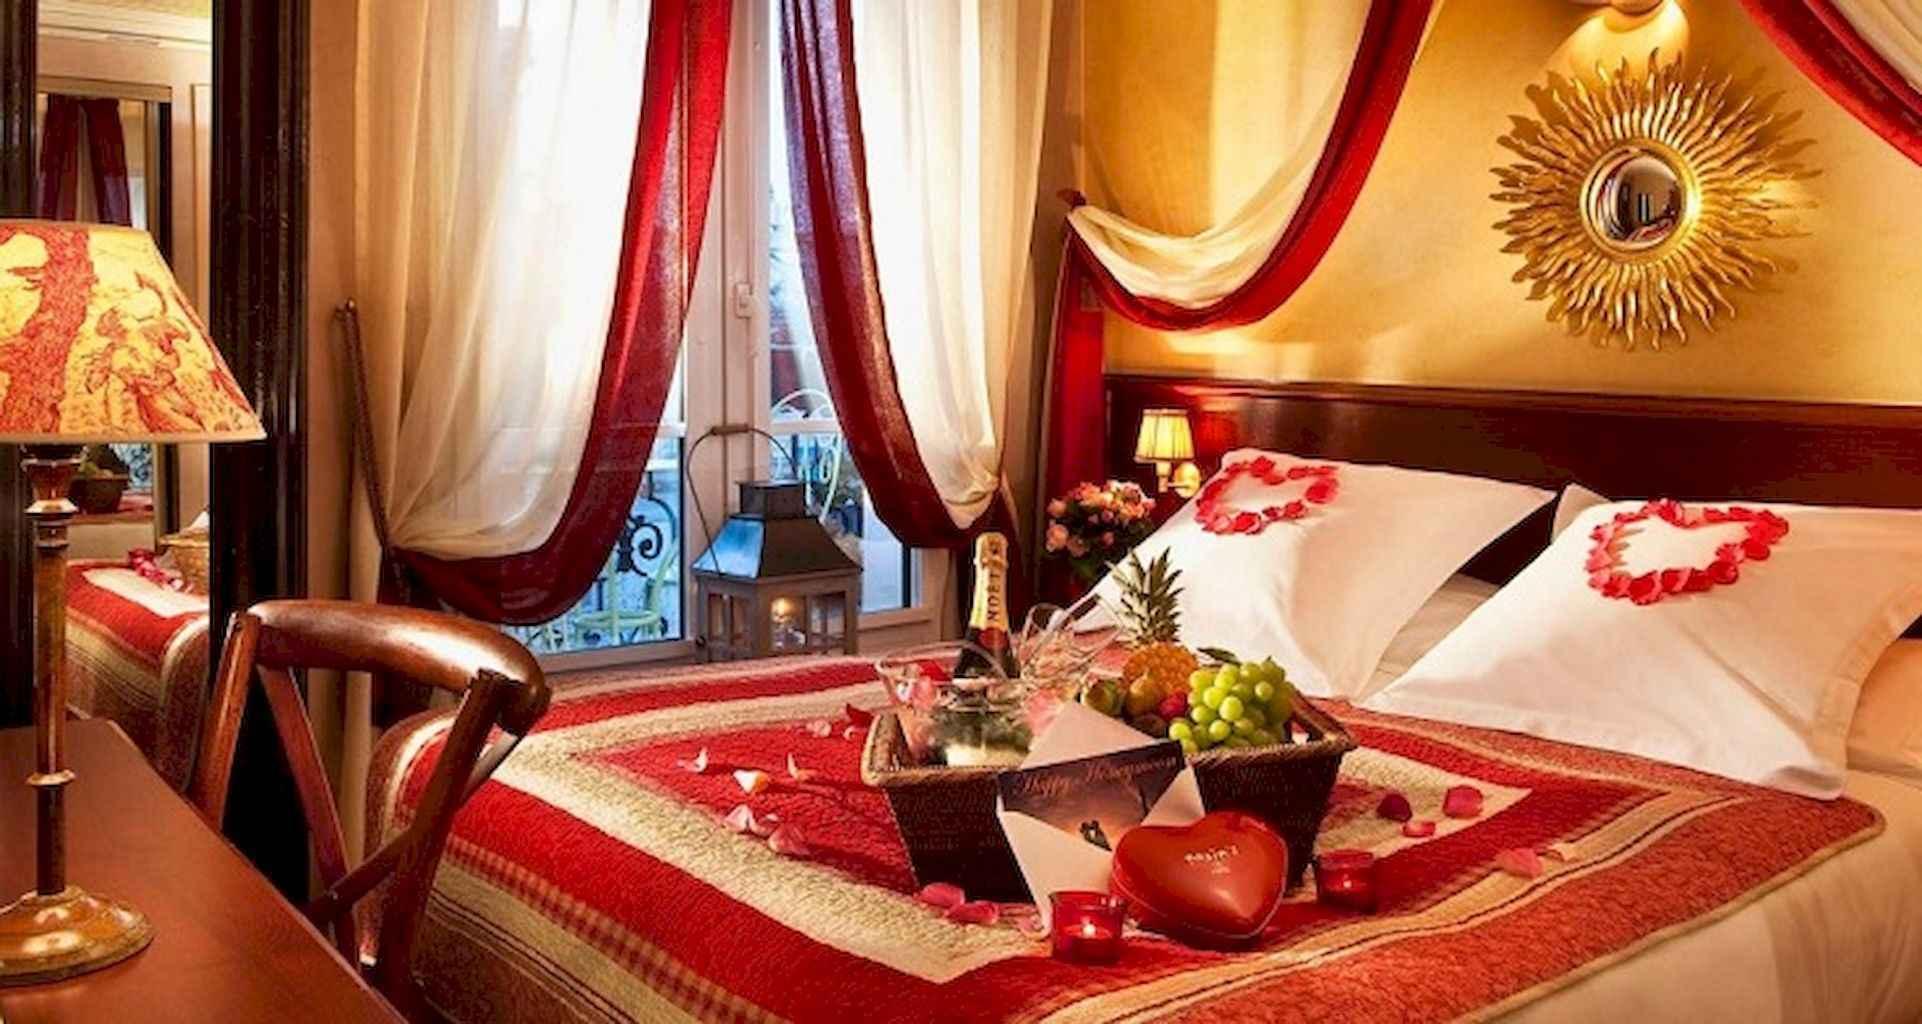 50 Romantic Valentine Bedroom Decor Ideas (18)